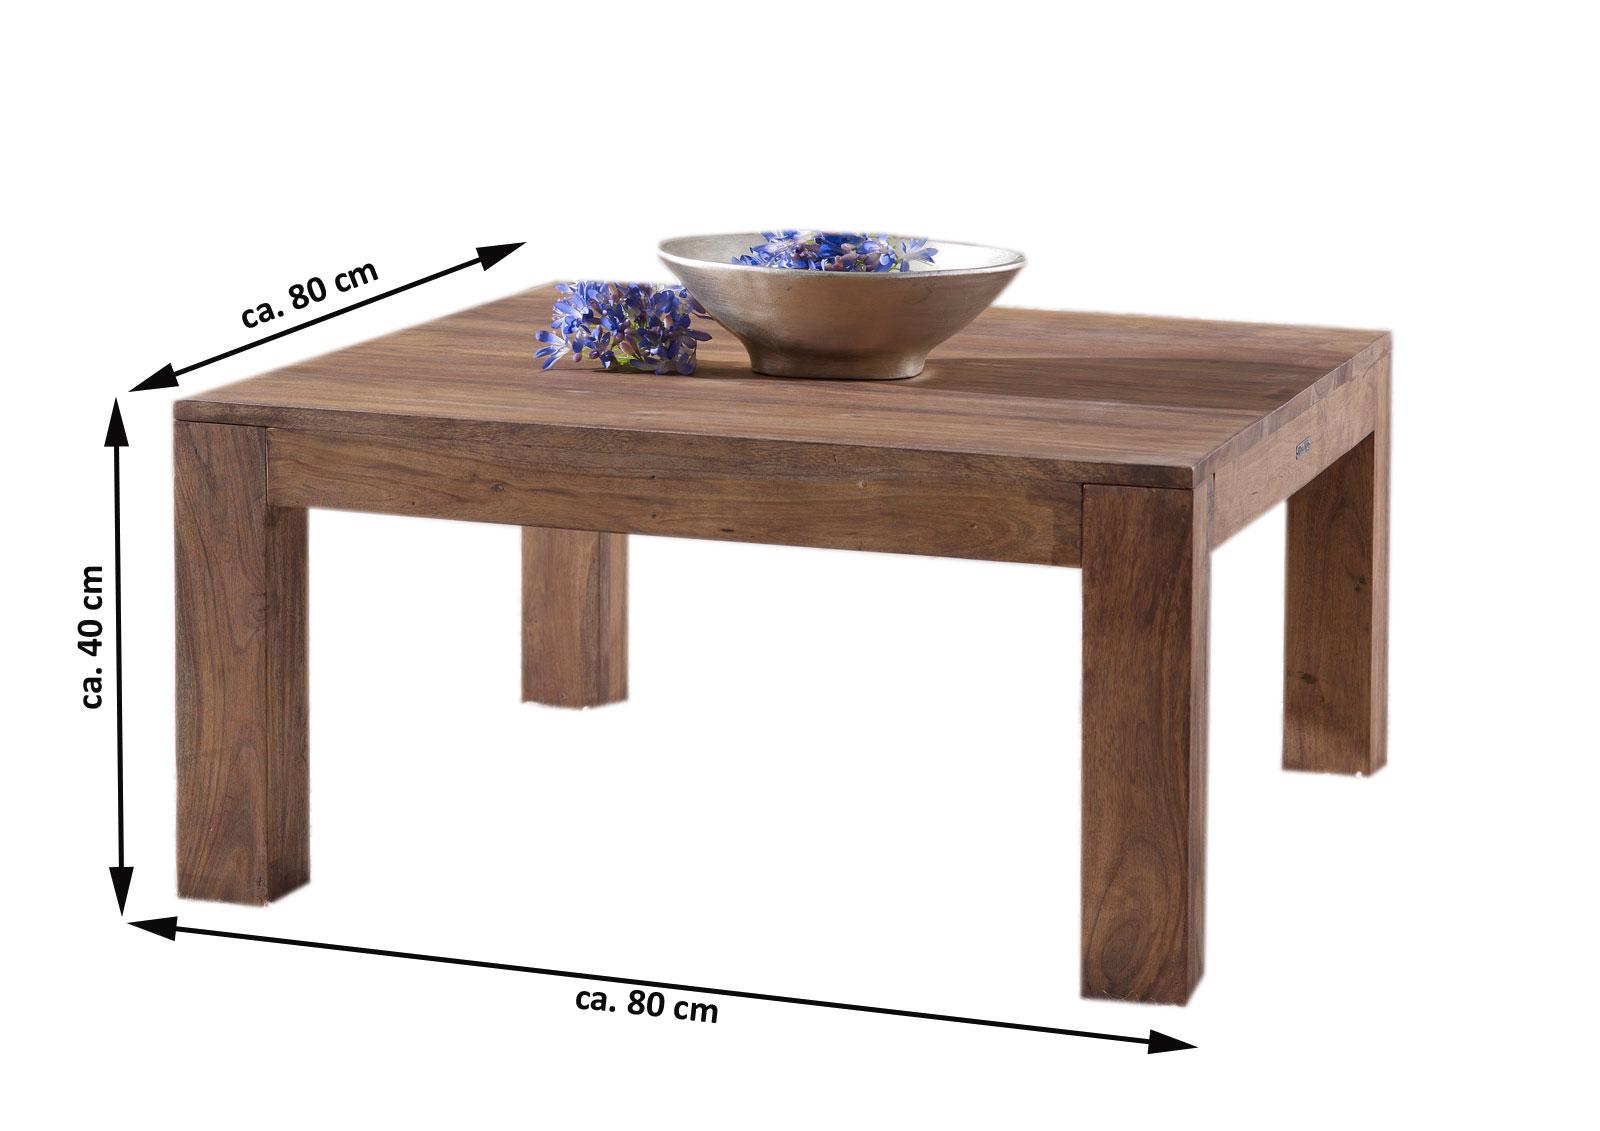 SALE Tisch Couchtisch Akazie Massivholz 80 X 40 Cm SABER 6608 Auf Lager